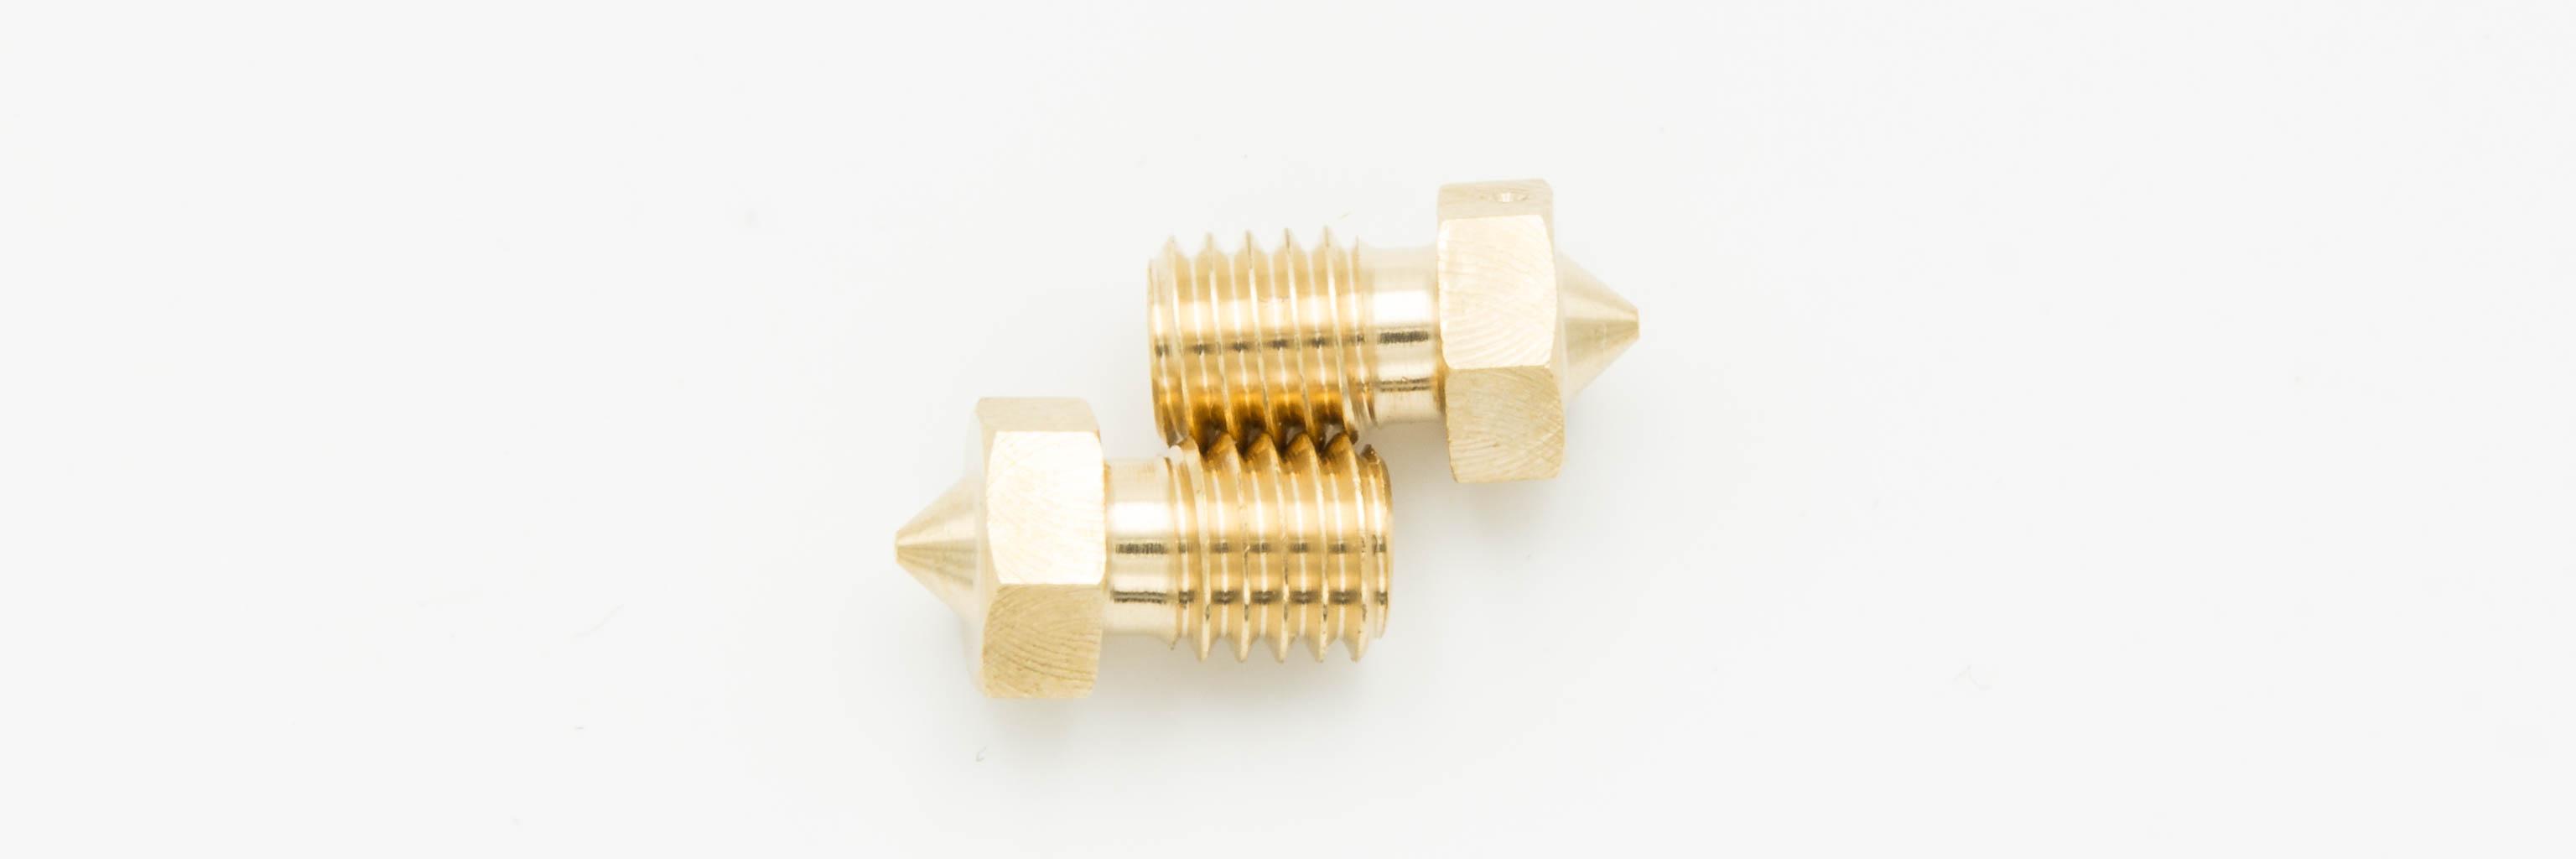 Comparaçao de nozzles da impresora 3D